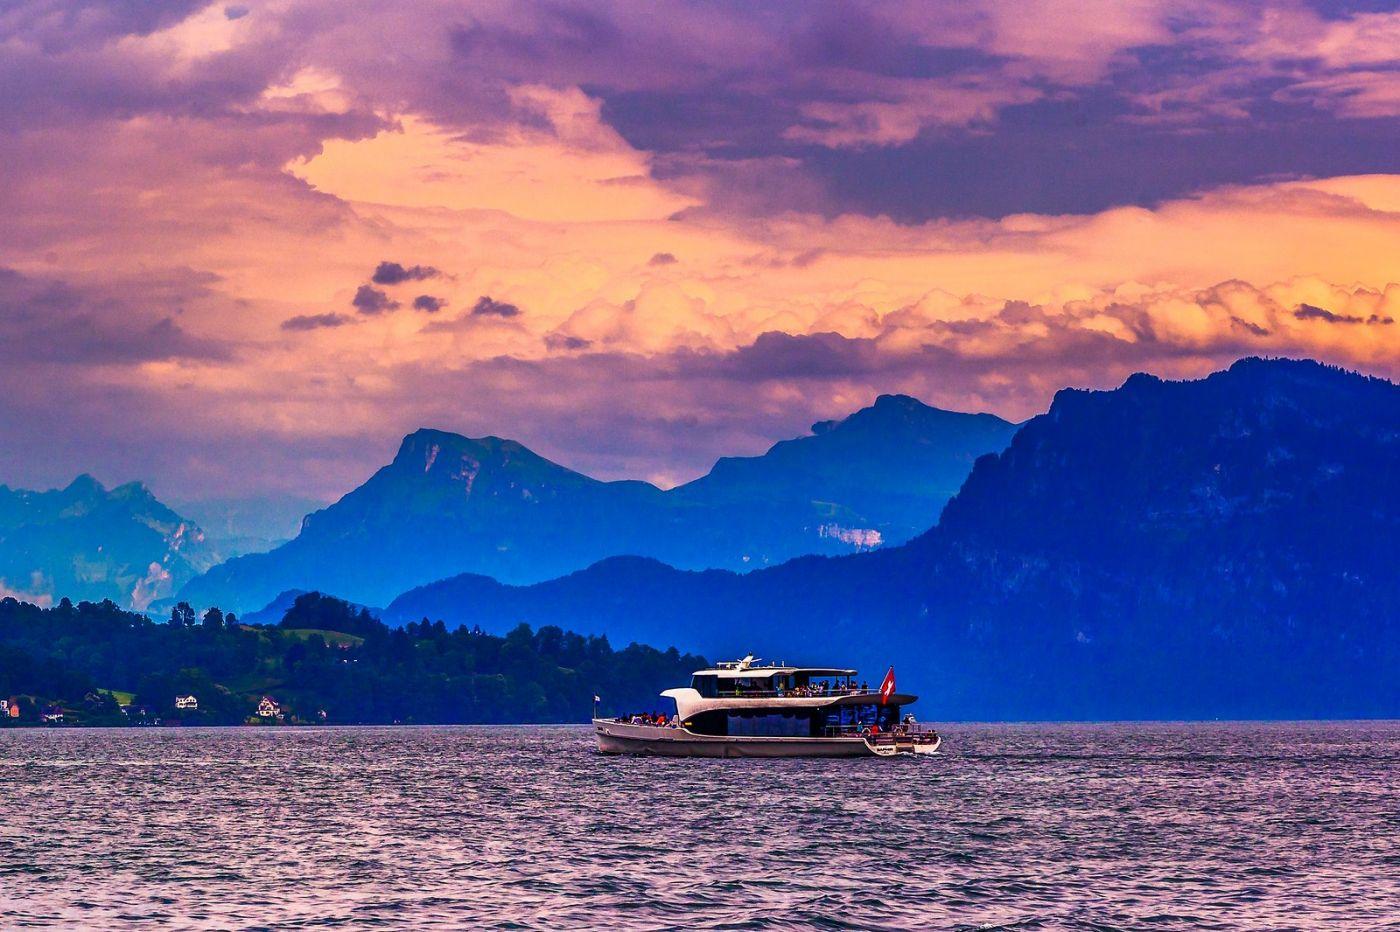 瑞士卢塞恩(Lucerne),浪漫的晚霞_图1-4